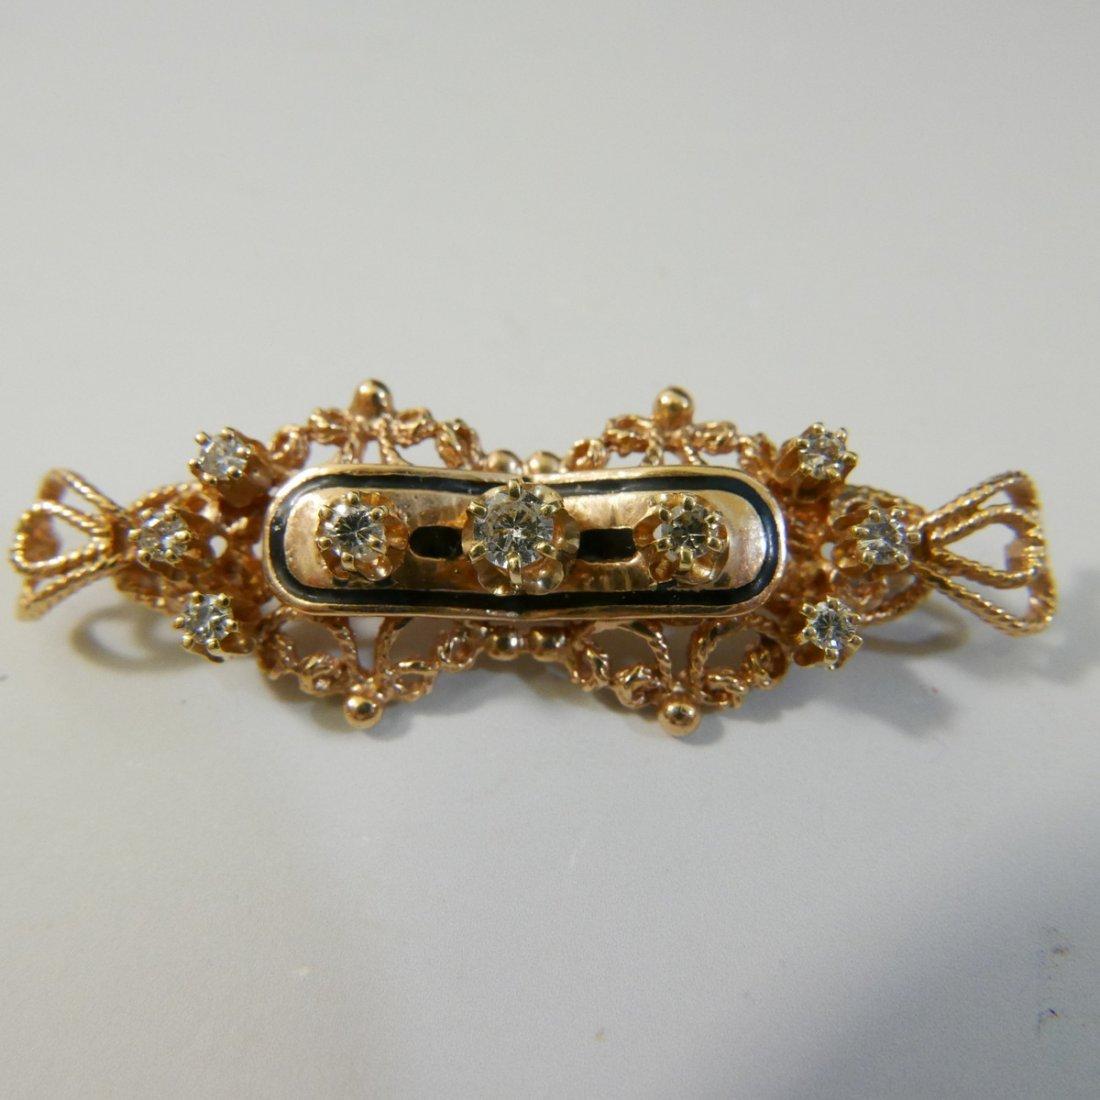 14K GOLD DIAMOND PIN BROOCH - 7.5 GRAMS